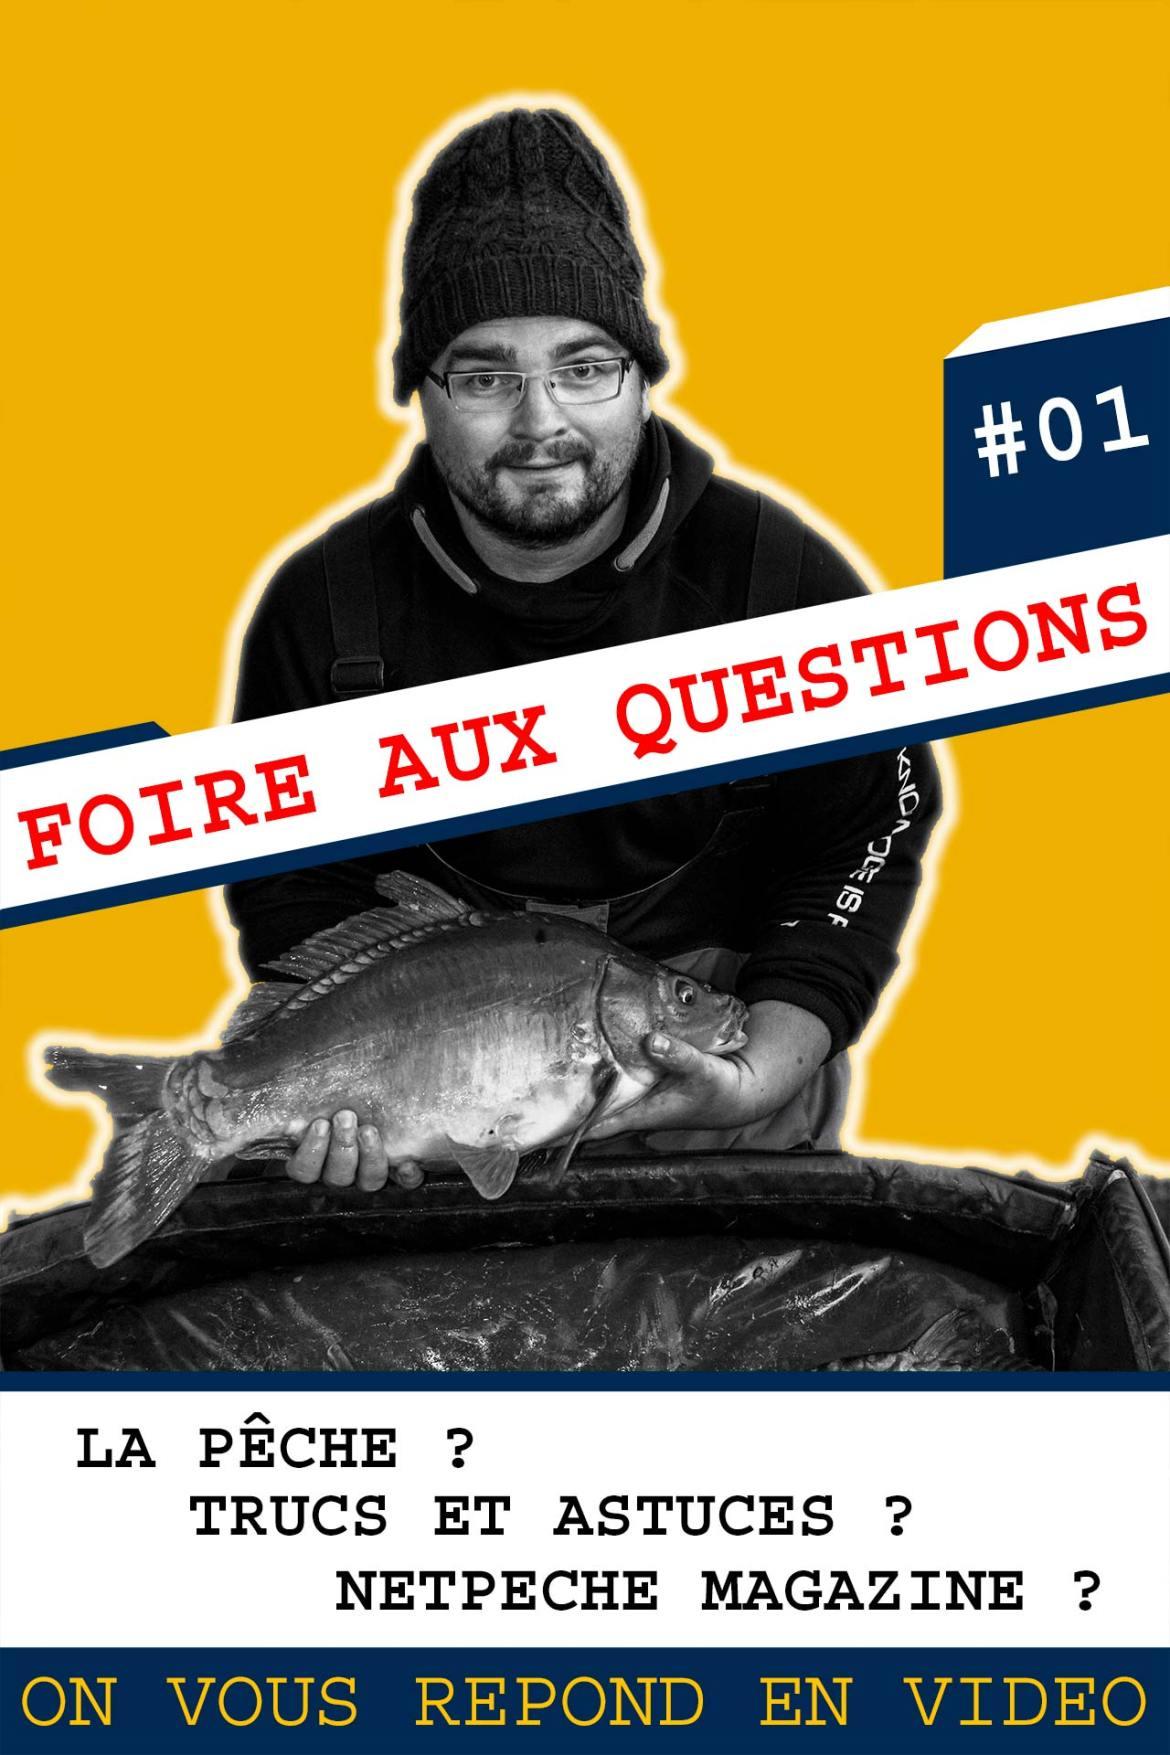 FAQ pêche au coup et netpeche magazine